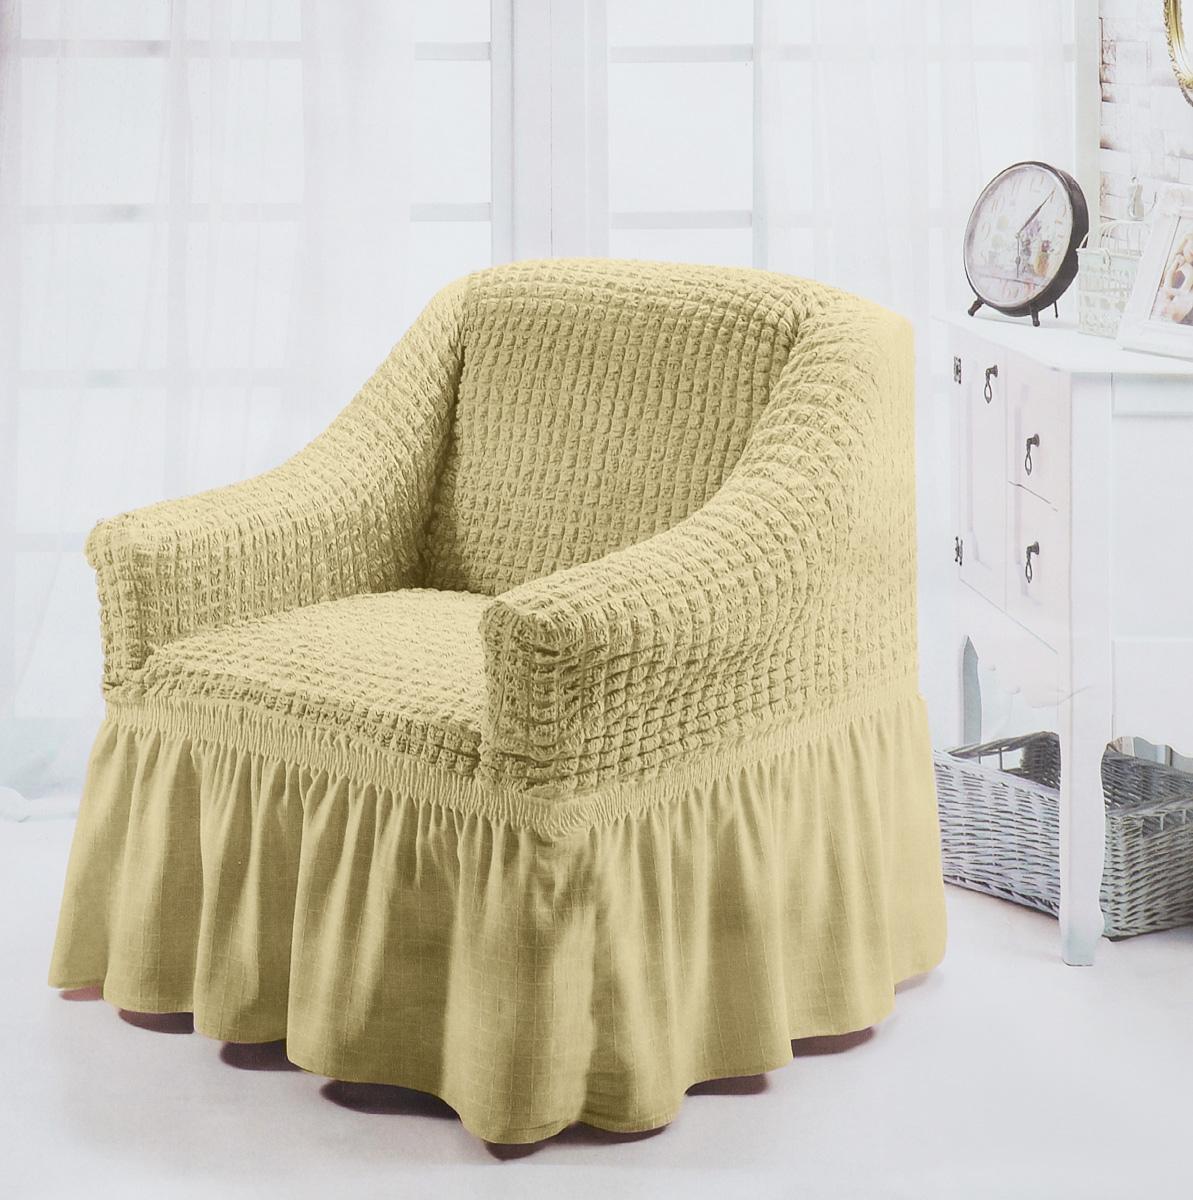 Чехол для кресла Burumcuk Bulsan, цвет: бежевый54 009318Чехол на кресло Burumcuk Bulsan выполнен из высококачественного полиэстера и хлопка с красивым рельефом. Предназначен для кресла стандартного размера со спинкой высотой в 140 см. Такой чехол изысканно дополнит интерьер вашего дома. Изделие прорезинено со всех сторон и оснащено закрывающей оборкой.Ширина и глубина посадочного места: 70-80 см.Высота спинки от сиденья: 70-80 см.Высота подлокотников: 35-45 см.Ширина подлокотников: 25-35 см.Длина оборки: 35 см.